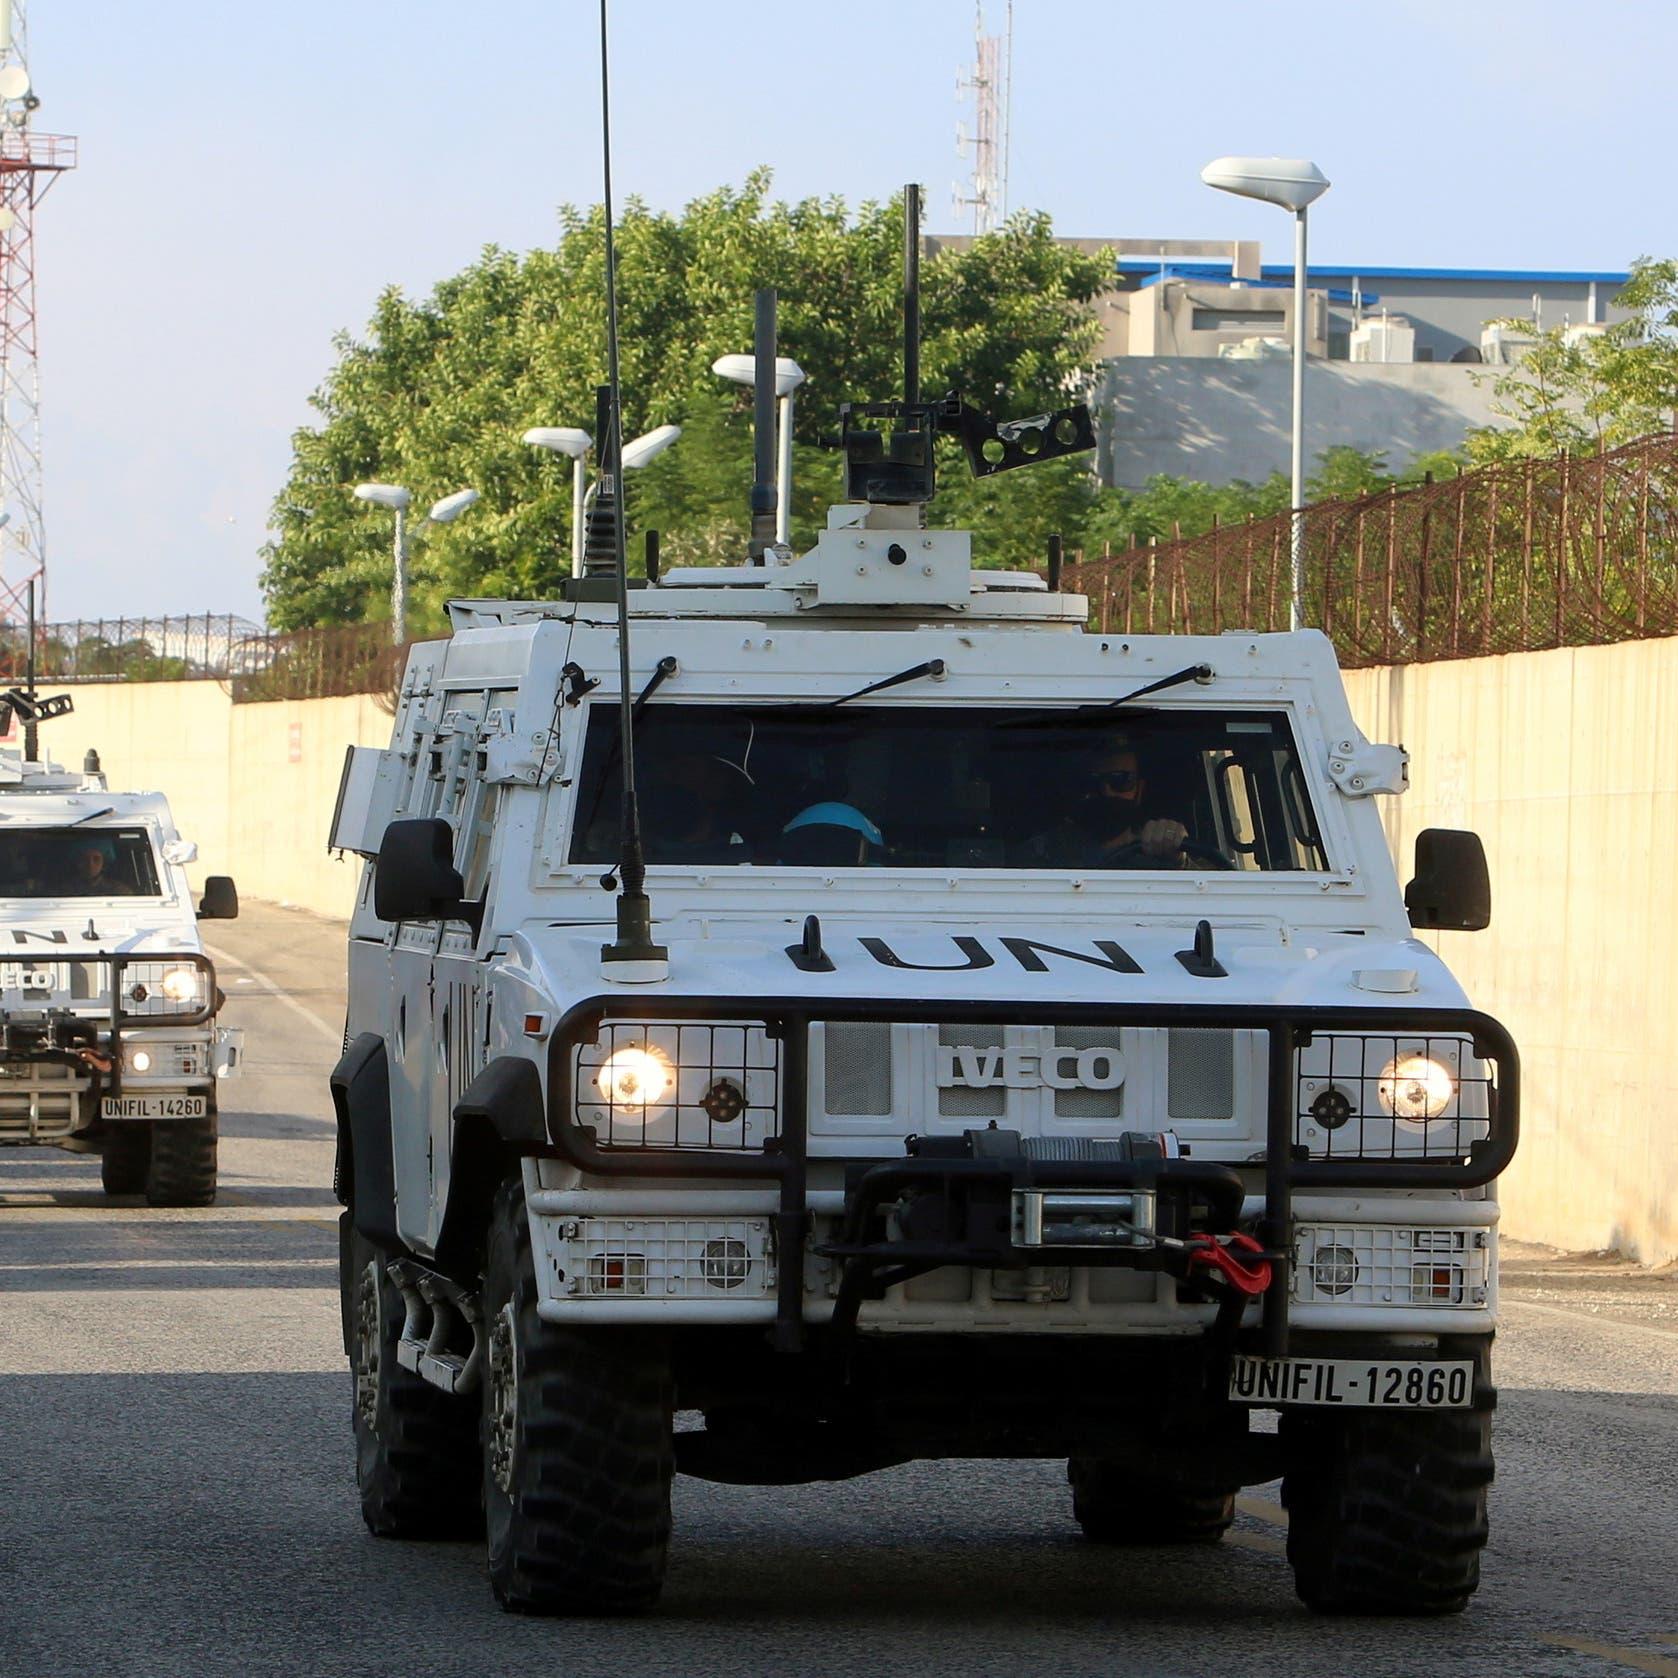 الأمم المتحدة: لبنان تسلّم راعياً احتجزته إسرائيل قبل أيام